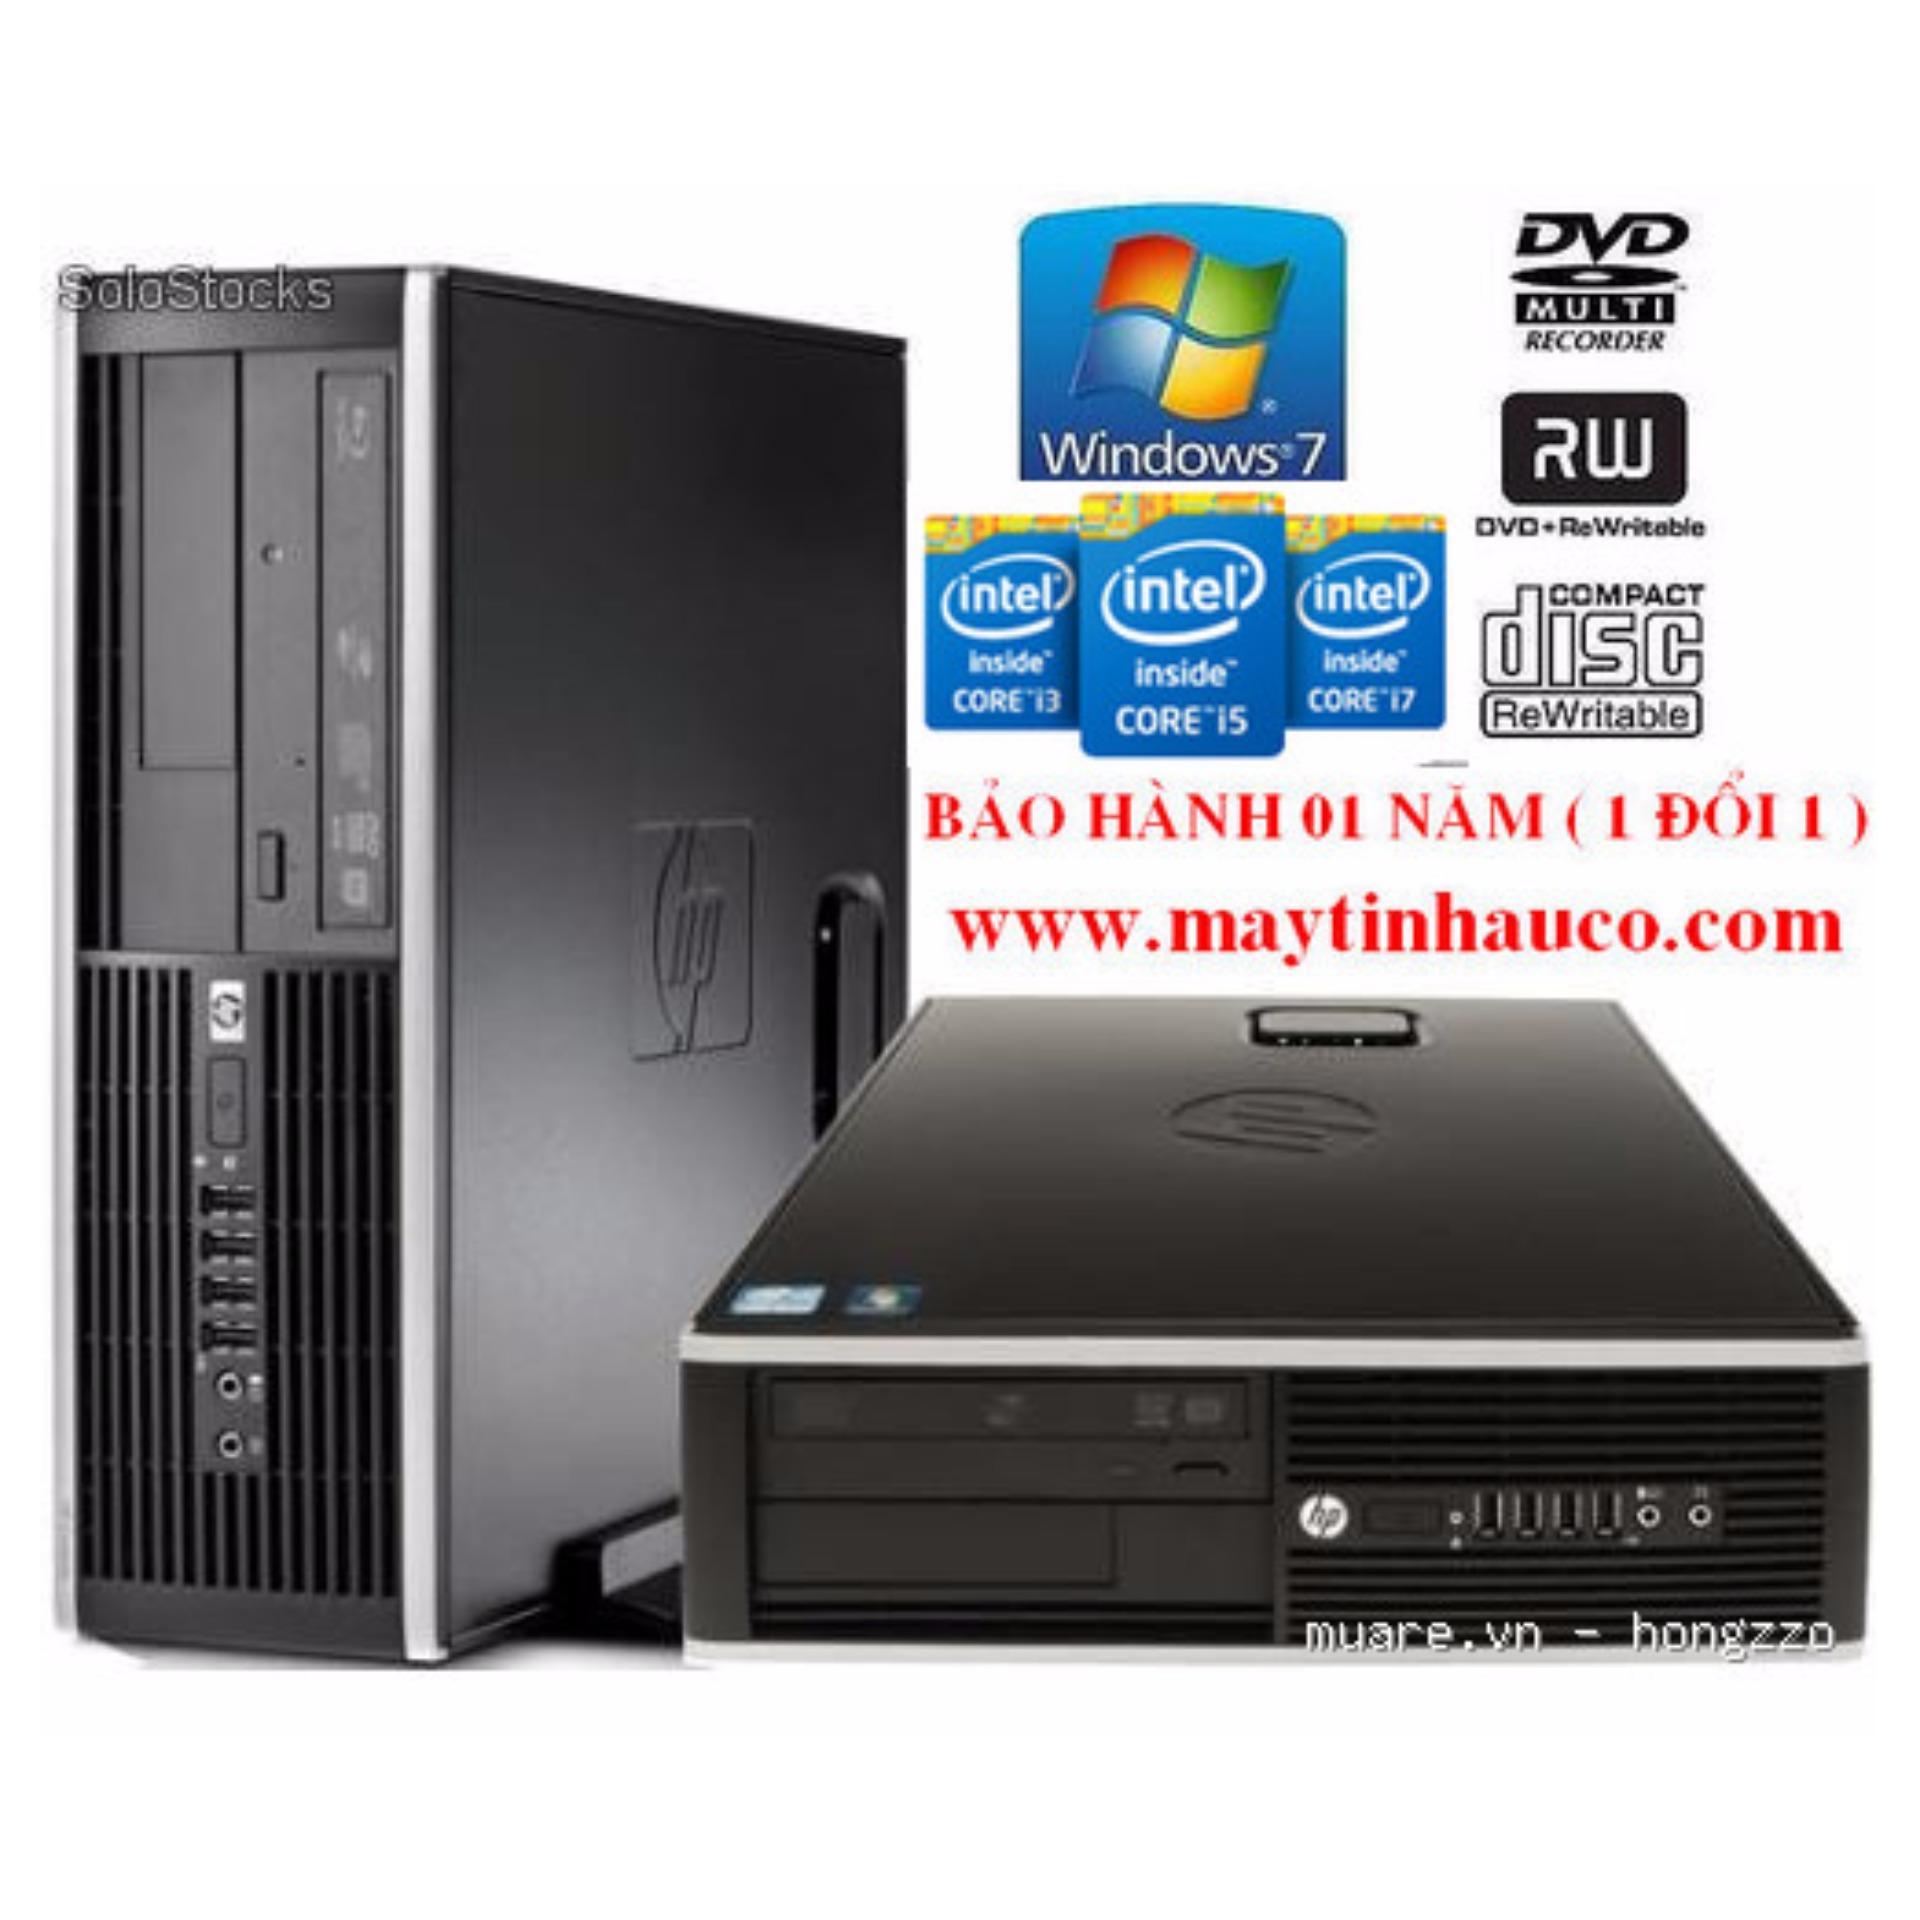 HP Compaq 8200 elite ( Core i3 2100 /4G/500G ) , Bảo hành 24 tháng - Hàng Nhập Khẩu